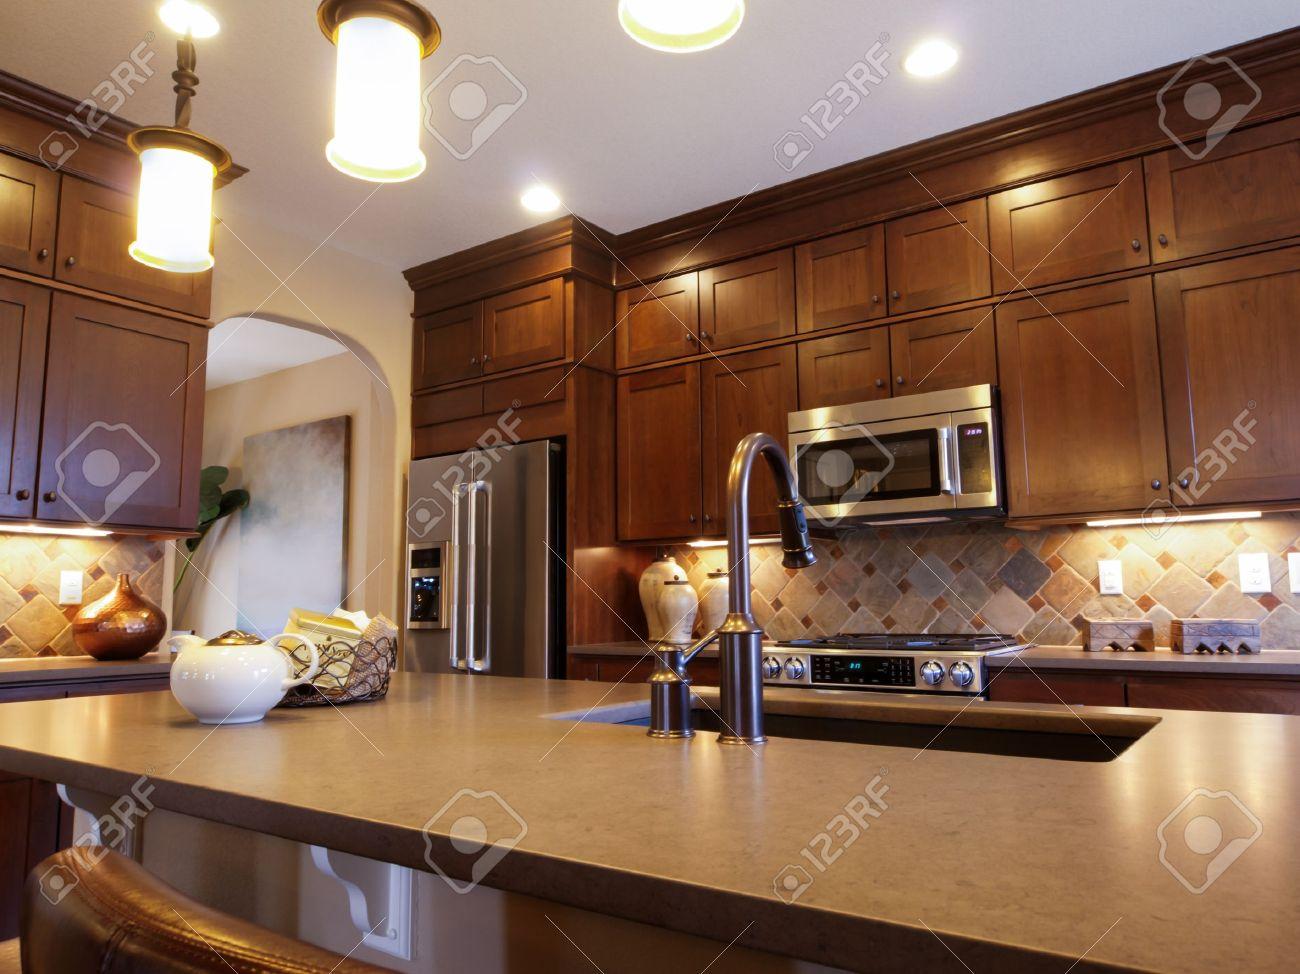 Cocina Moderna Con Gabinetes De Madera Y Electrodomésticos De Acero ...